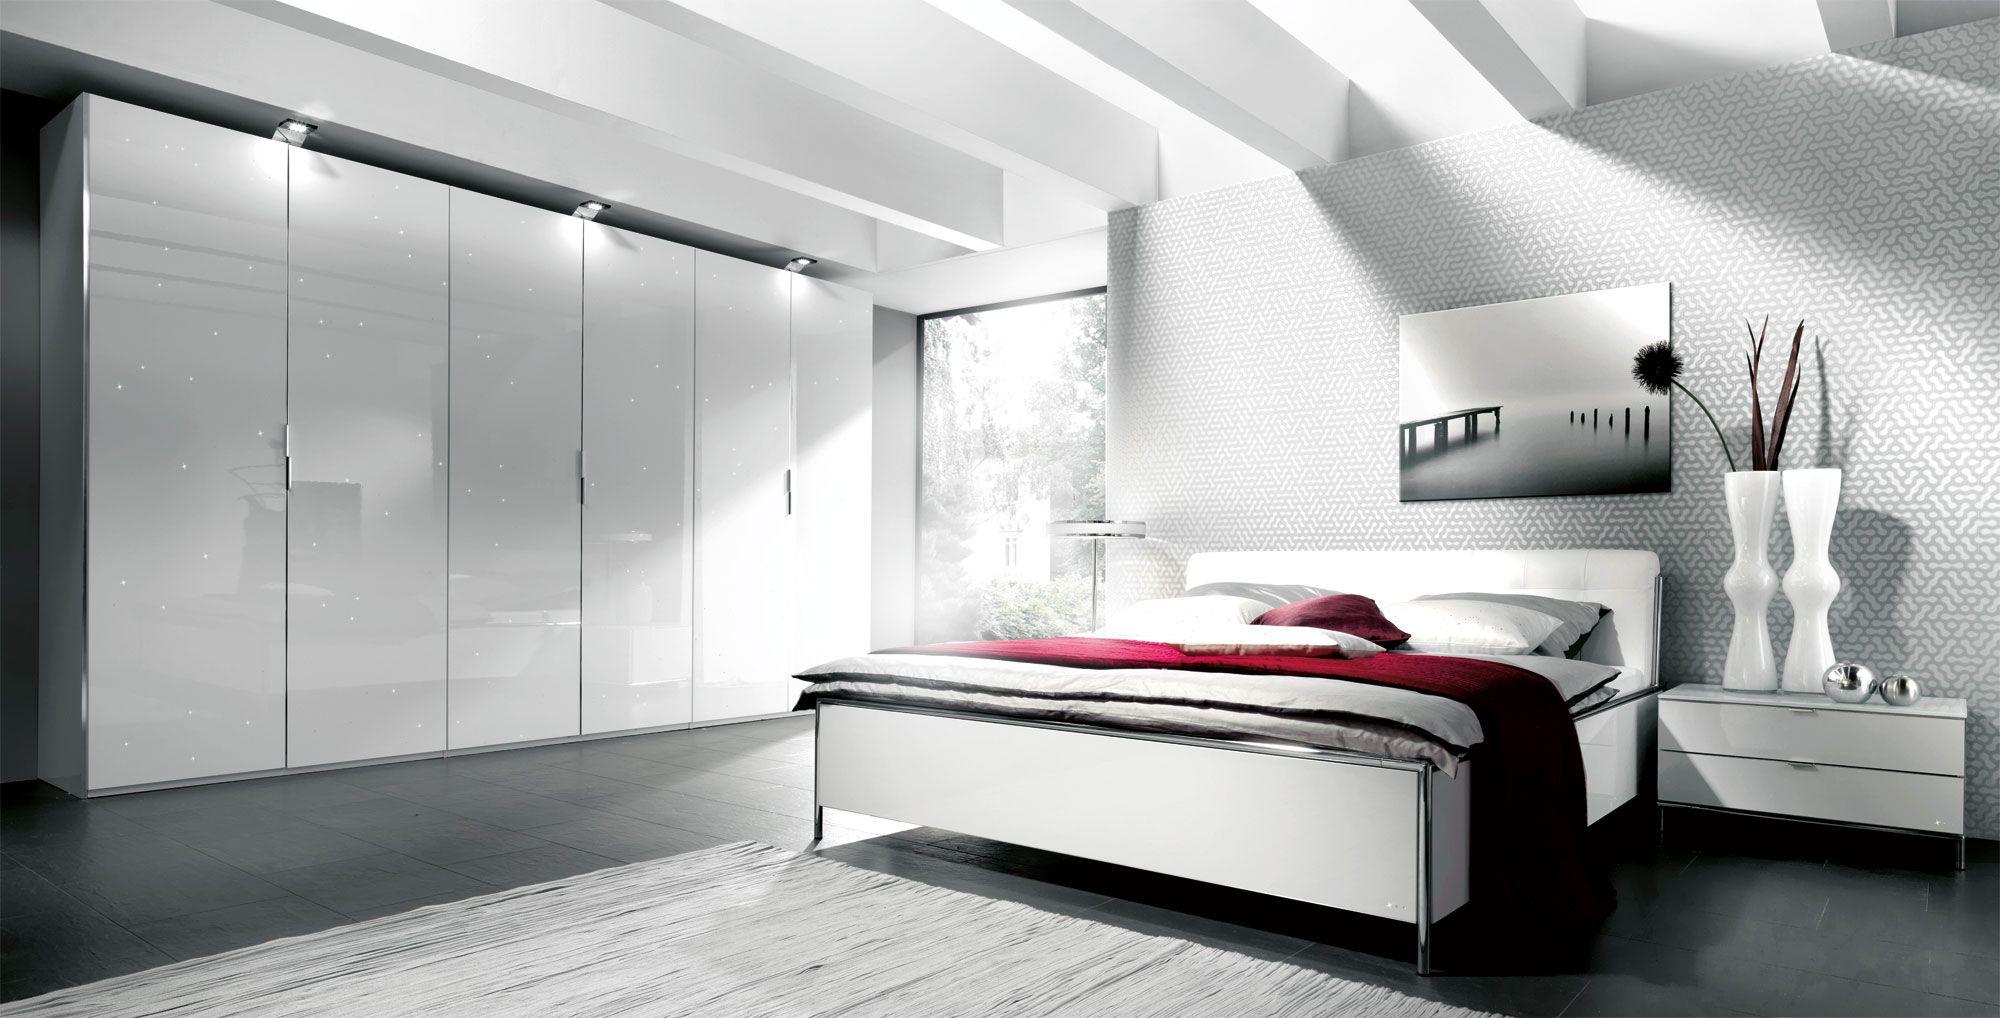 Genial Schlafzimmer Komplett Hochglanz Weiss Schlafzimmer